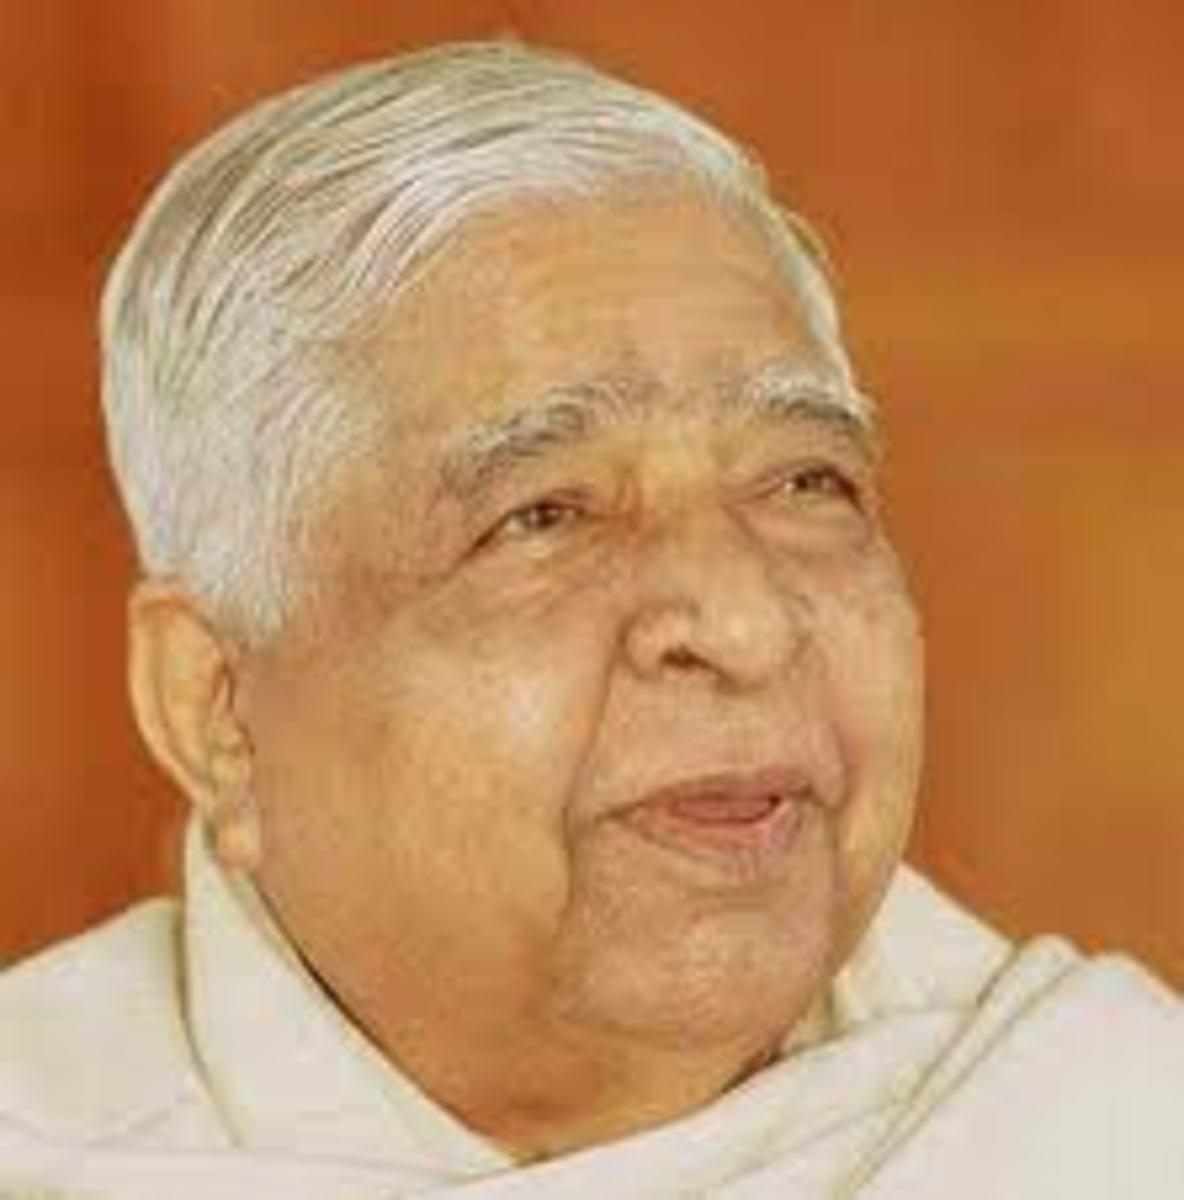 Not a 'guru' but a master teacher of Vipassana Meditation.